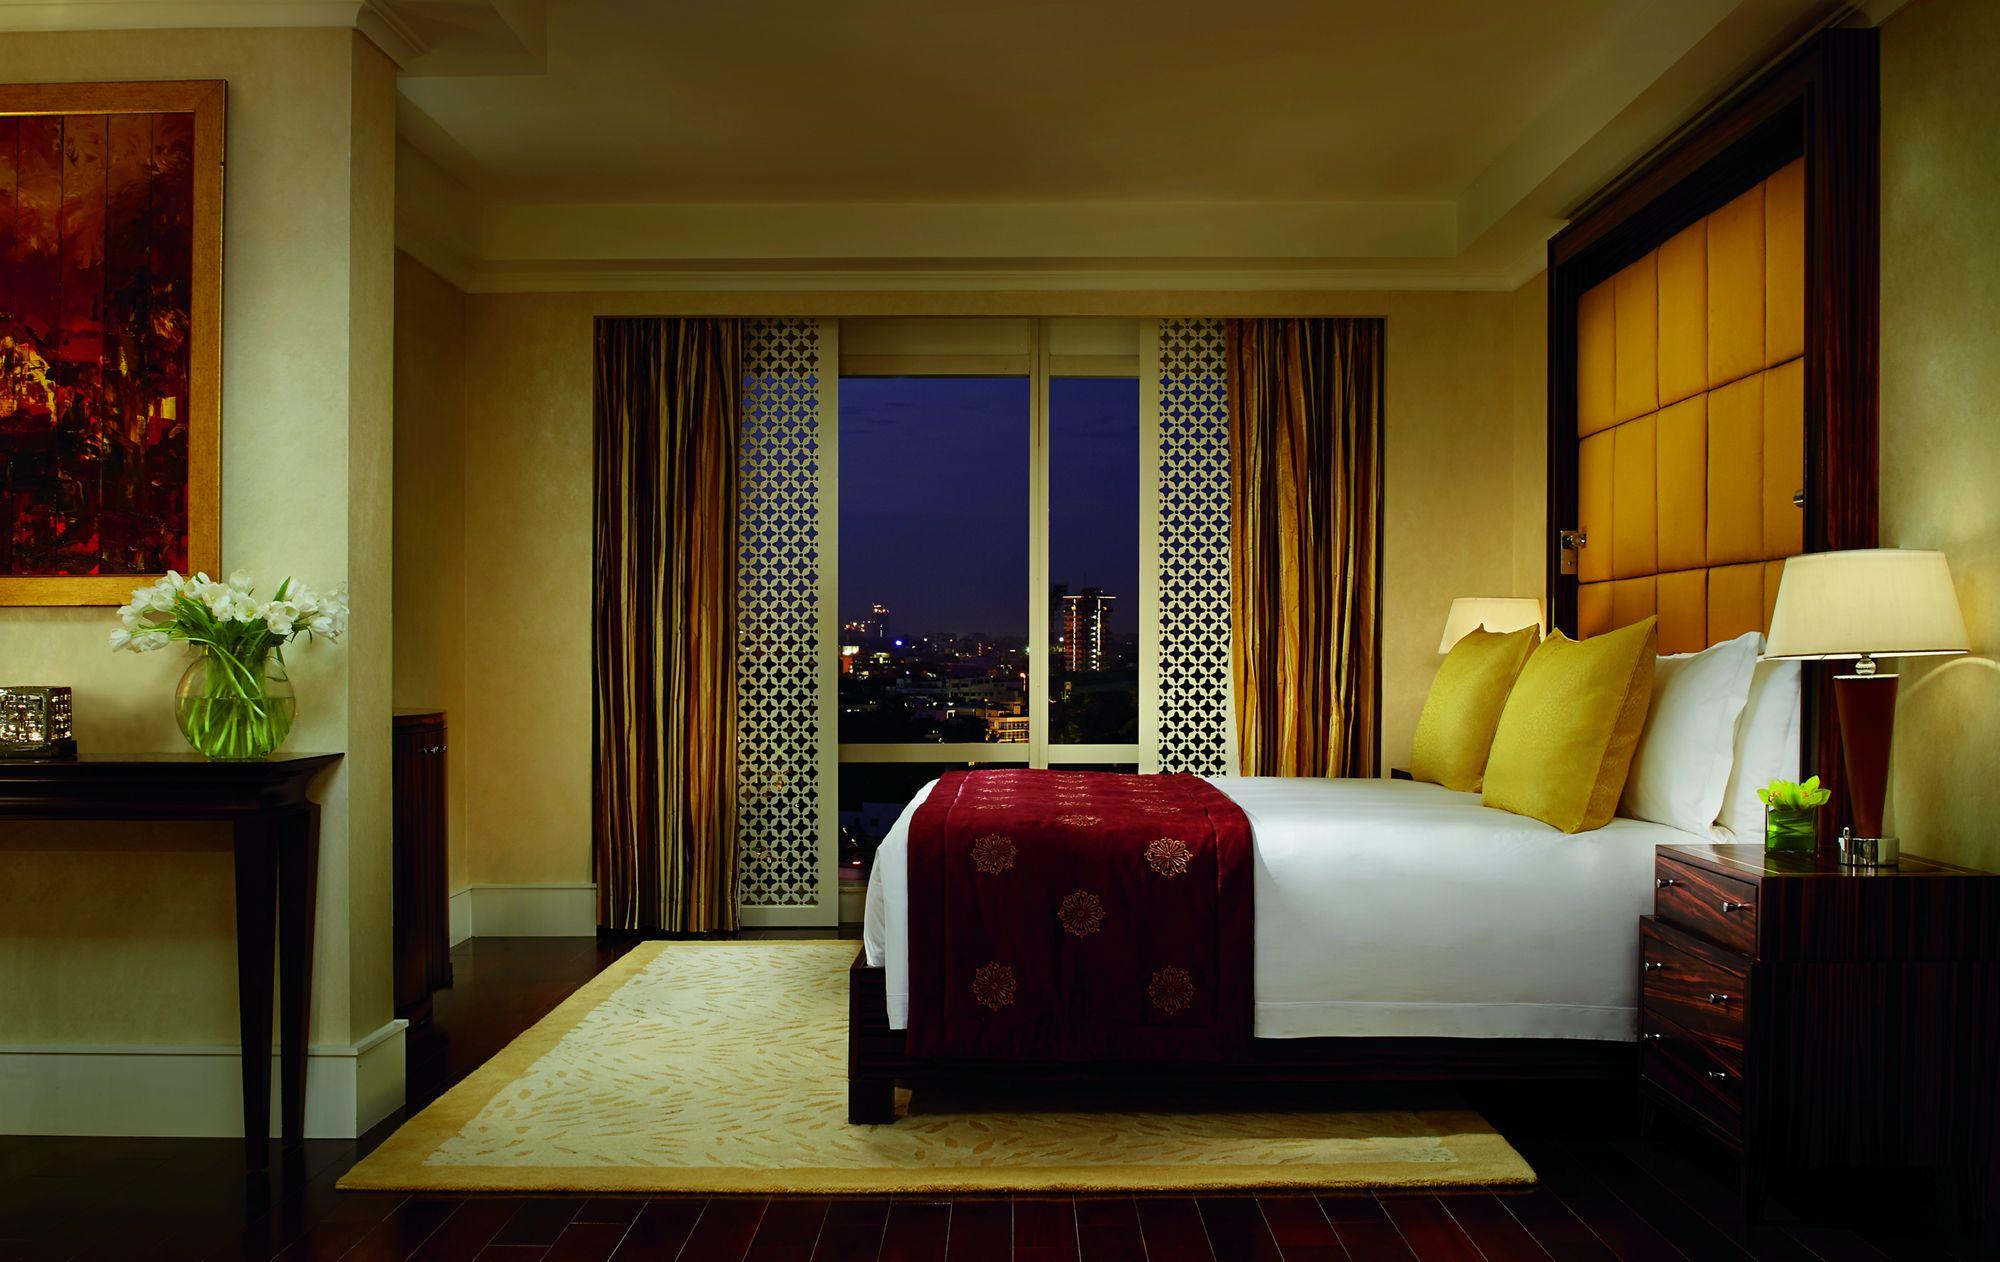 فتح نافذة غرفتك أثناء النوم